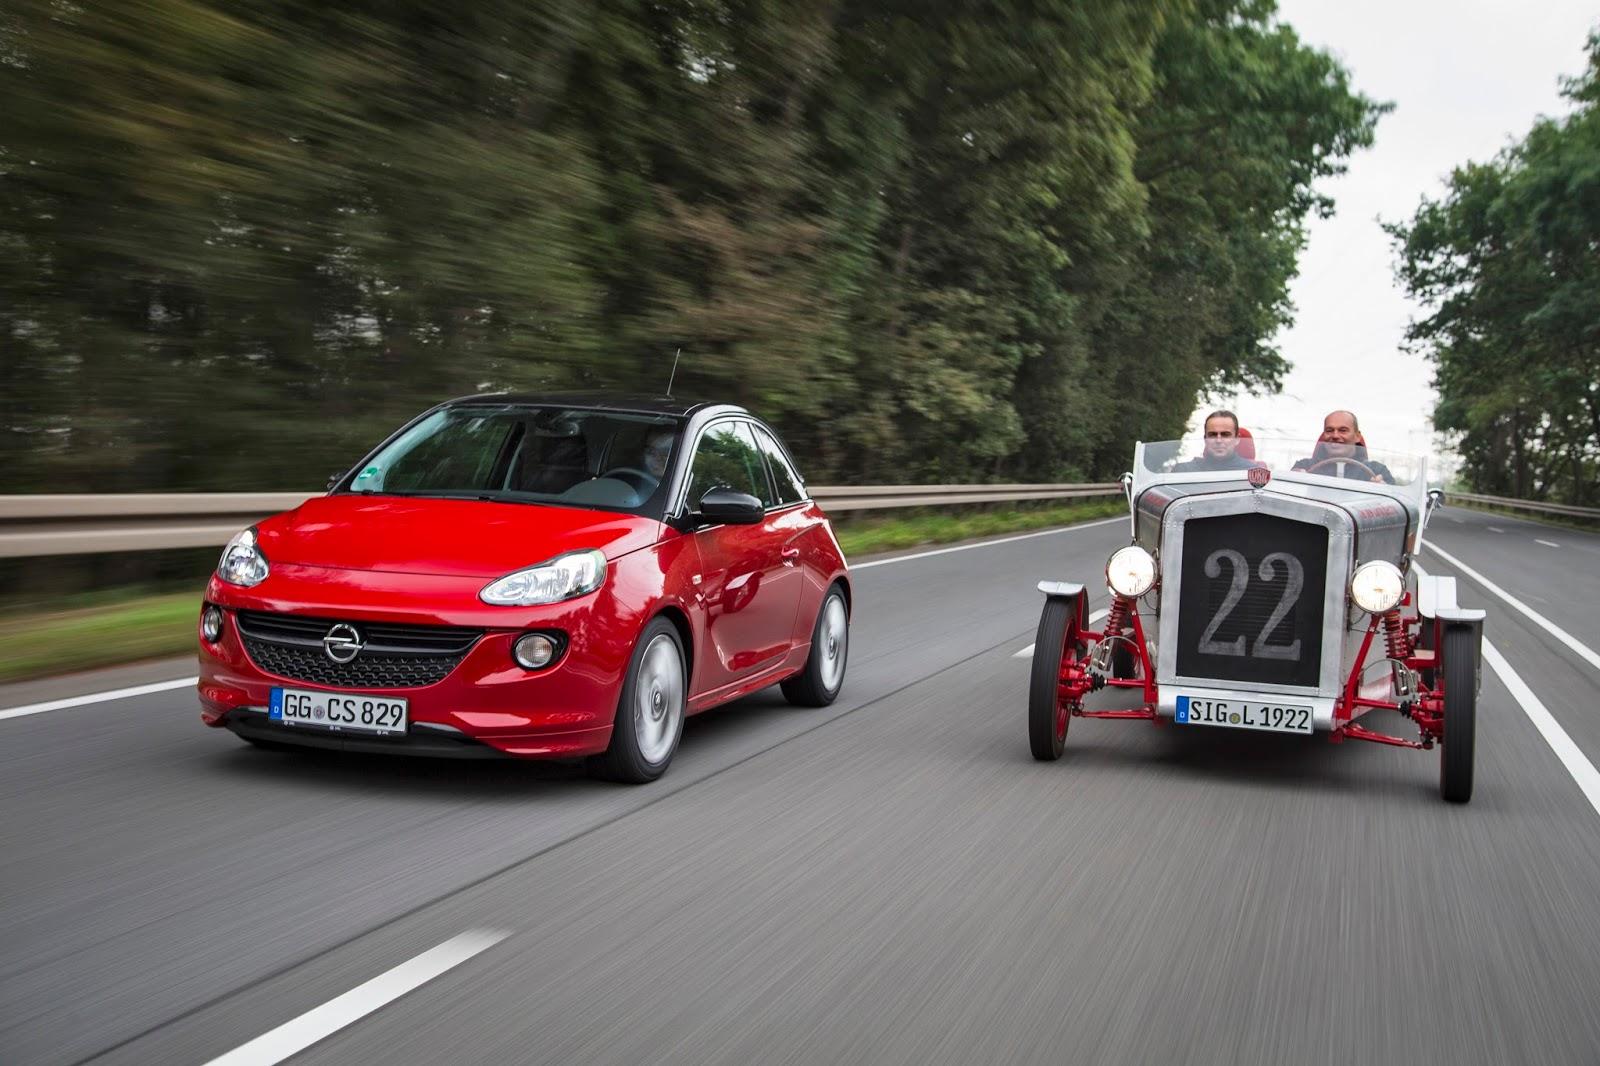 Opel 303787 Το Opel Adam δωρίζει τα εξαρτημάτα του και δίνει ζωή στο Loryc Electric Speedster Electric cars, Loryc, Opel, Opel ADAM